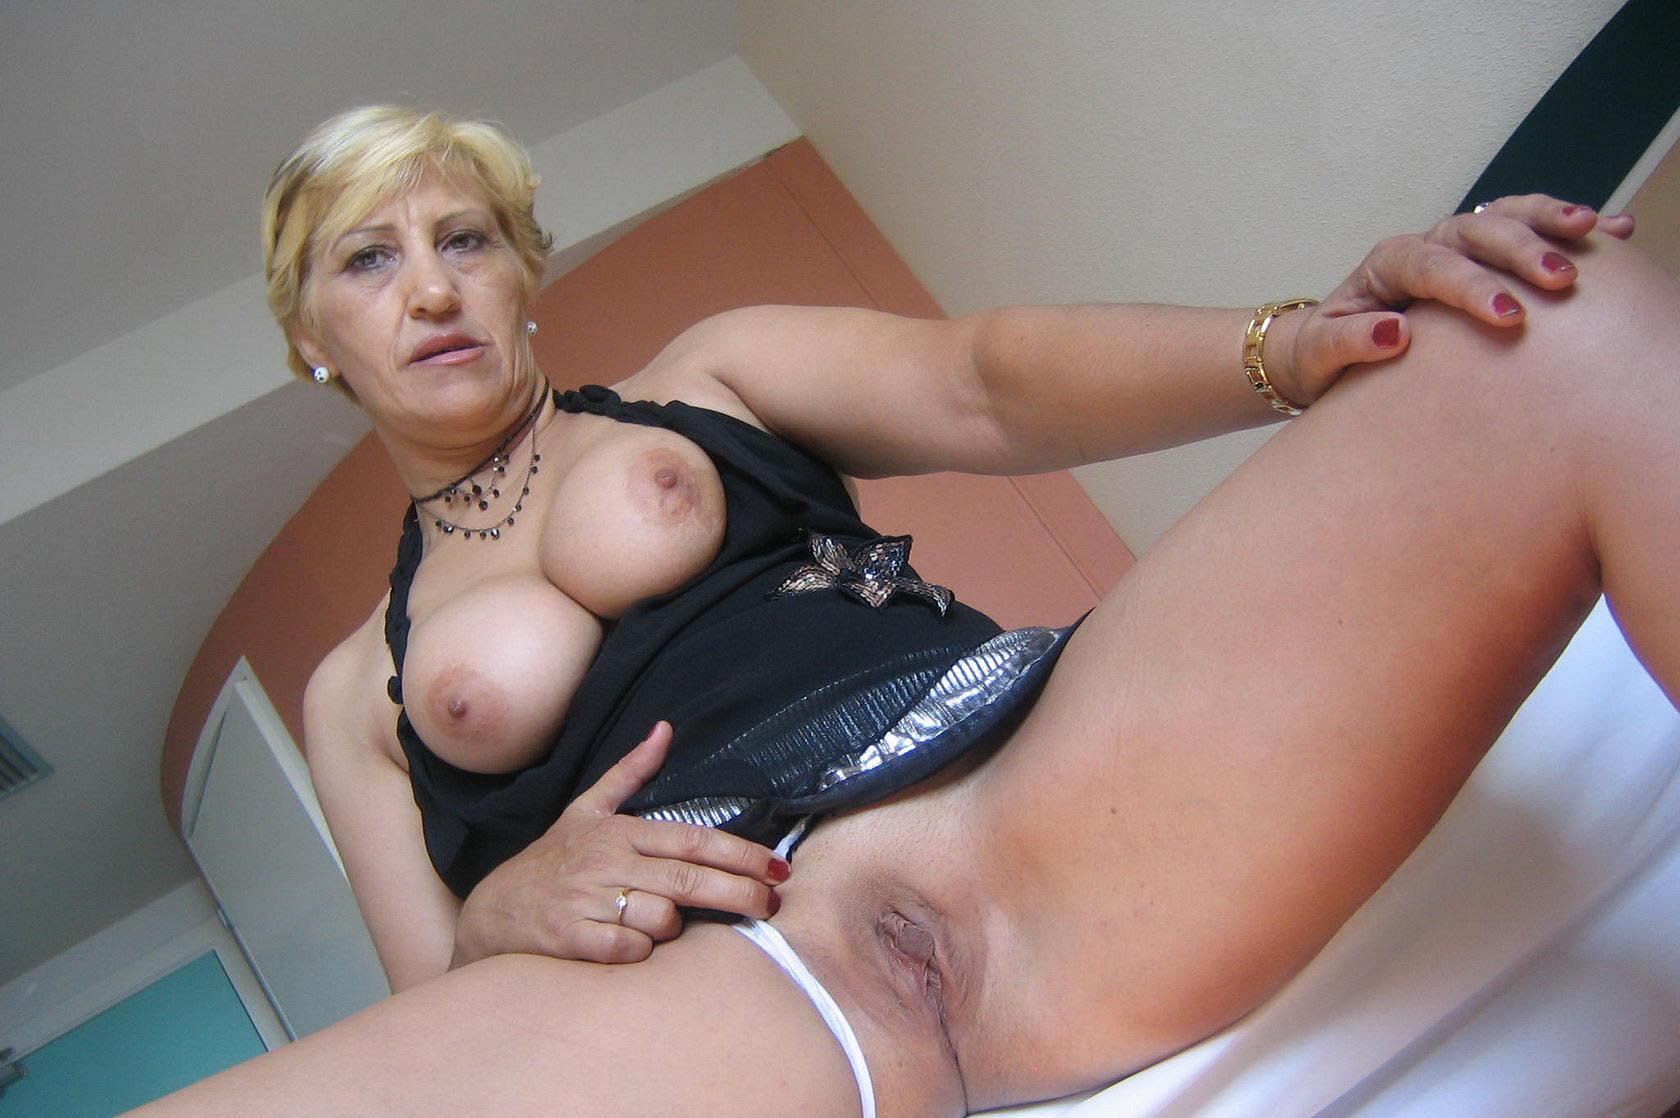 Экстрим зрелых женщин смотреть онлайн, Зрелые экстрим - видео Free Porn For Me 25 фотография